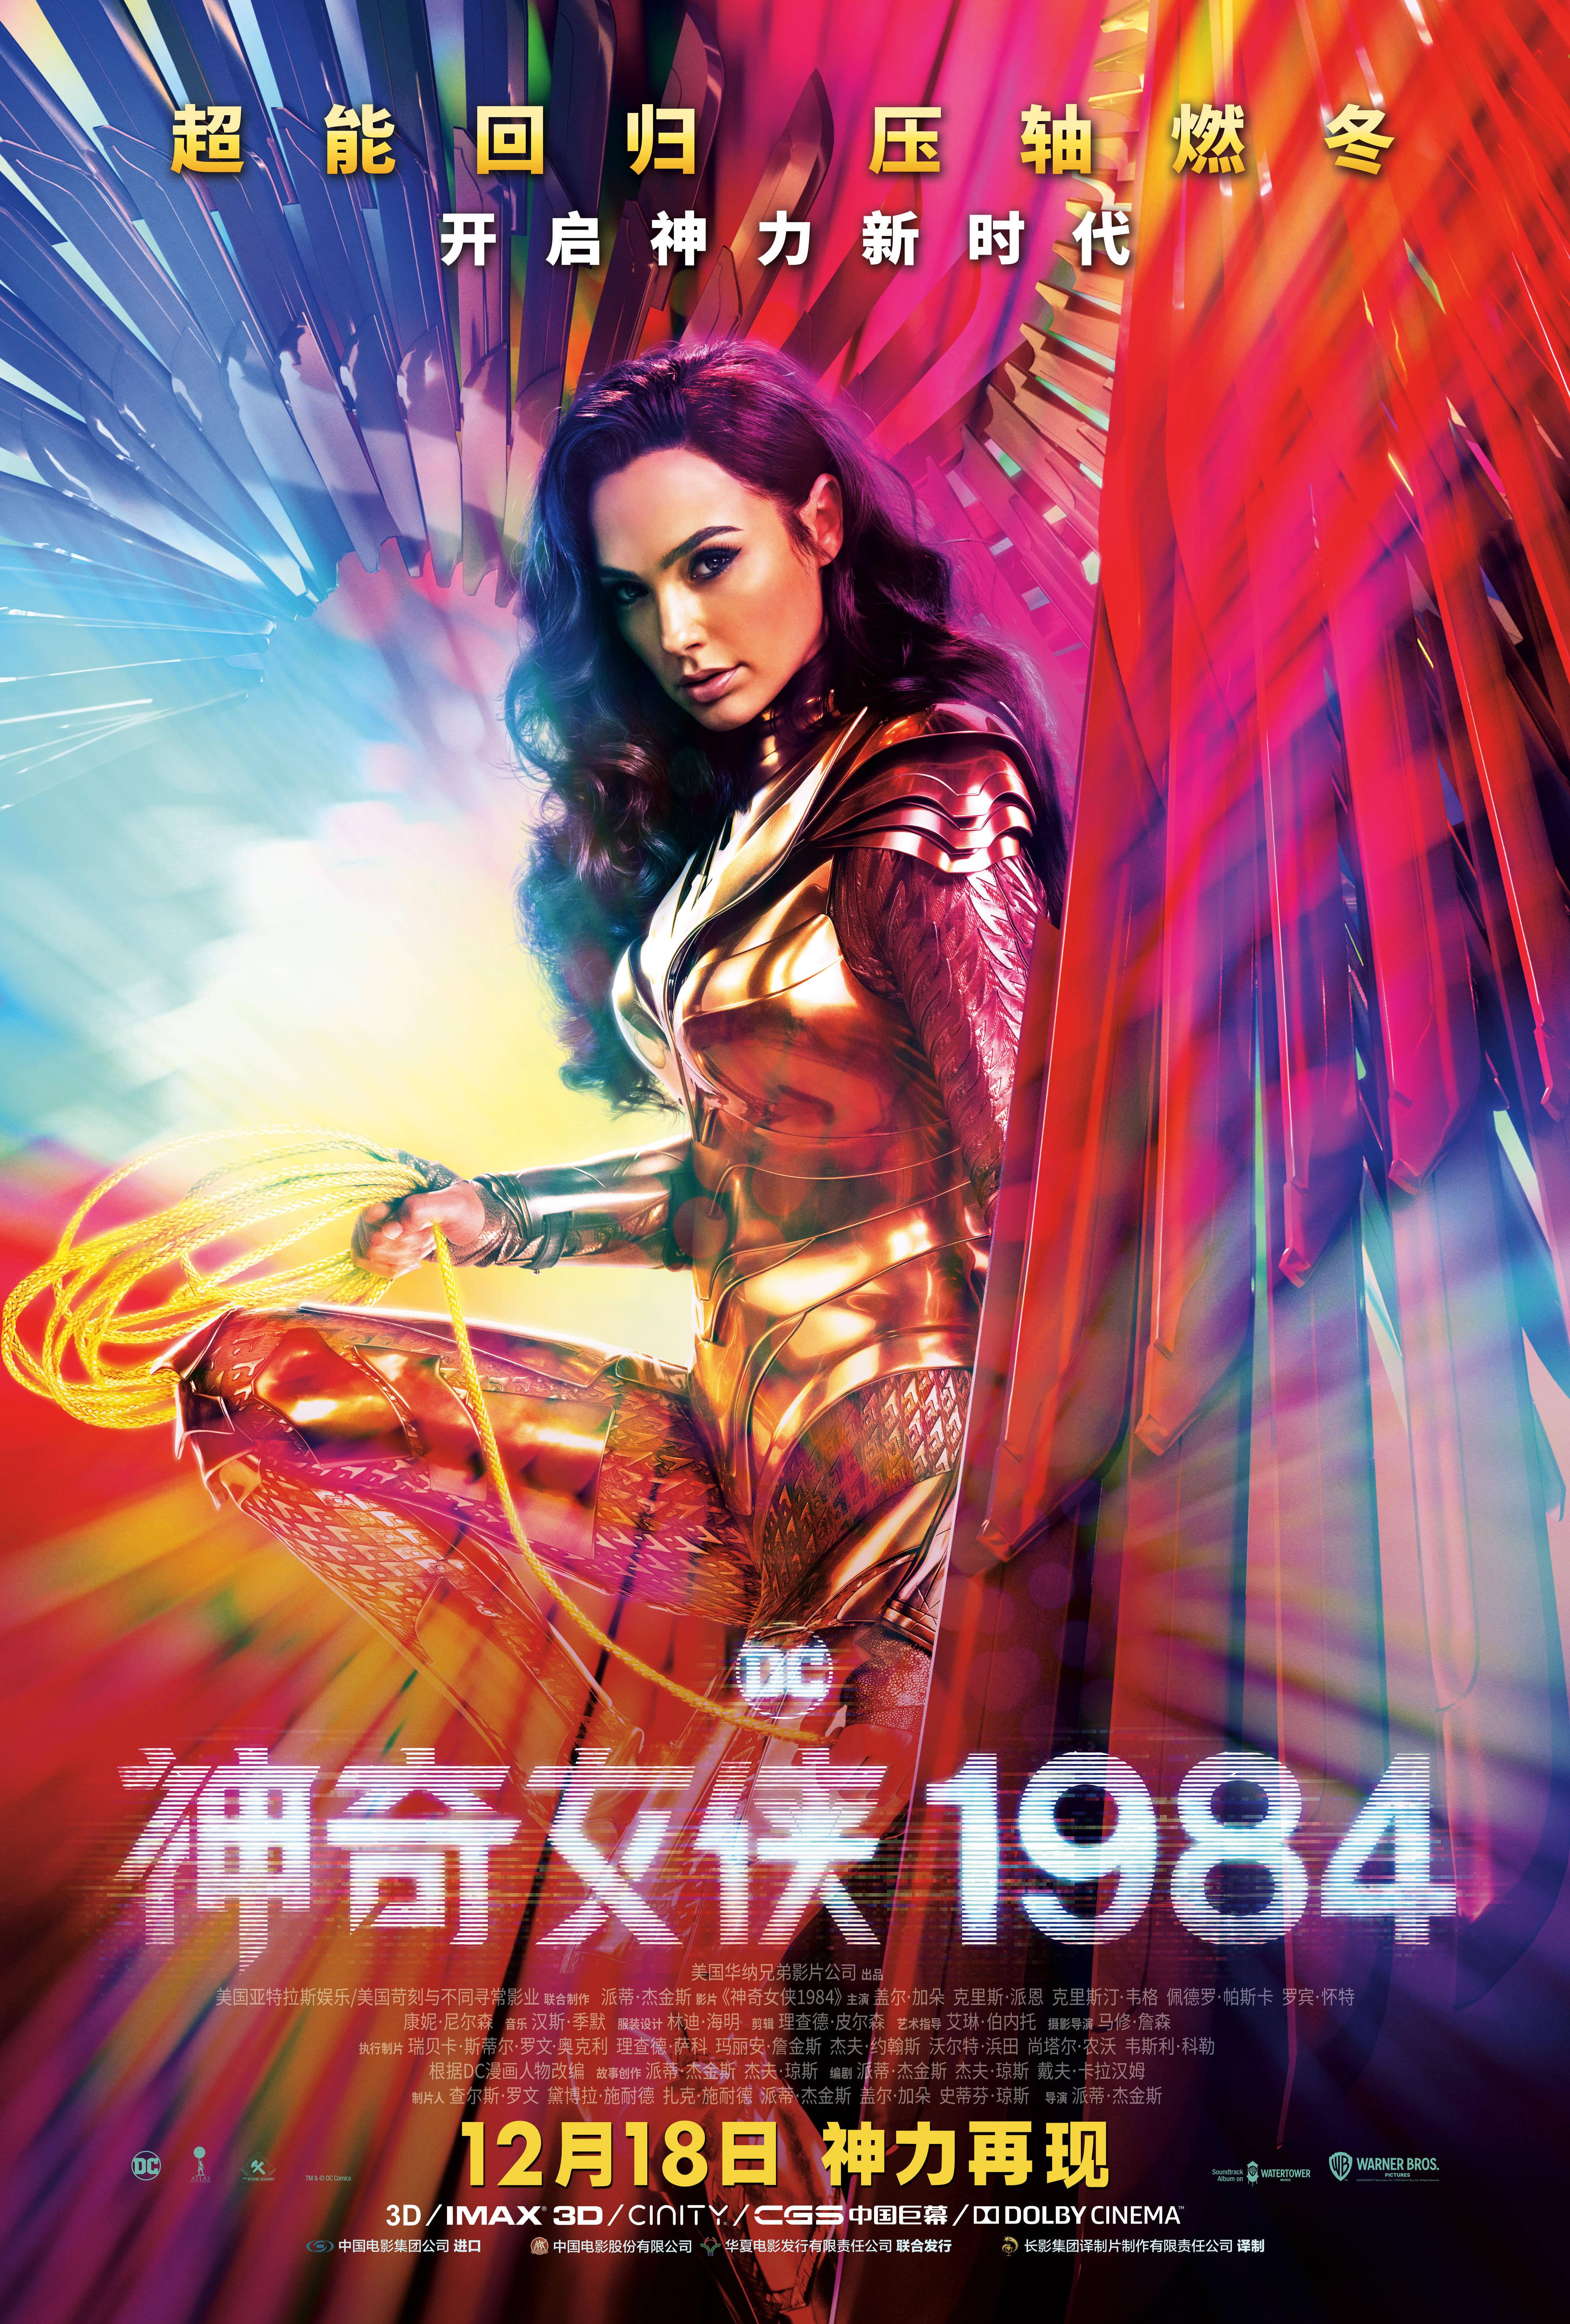 《神奇女侠》来了!12月18日内地上映,25日登陆北美